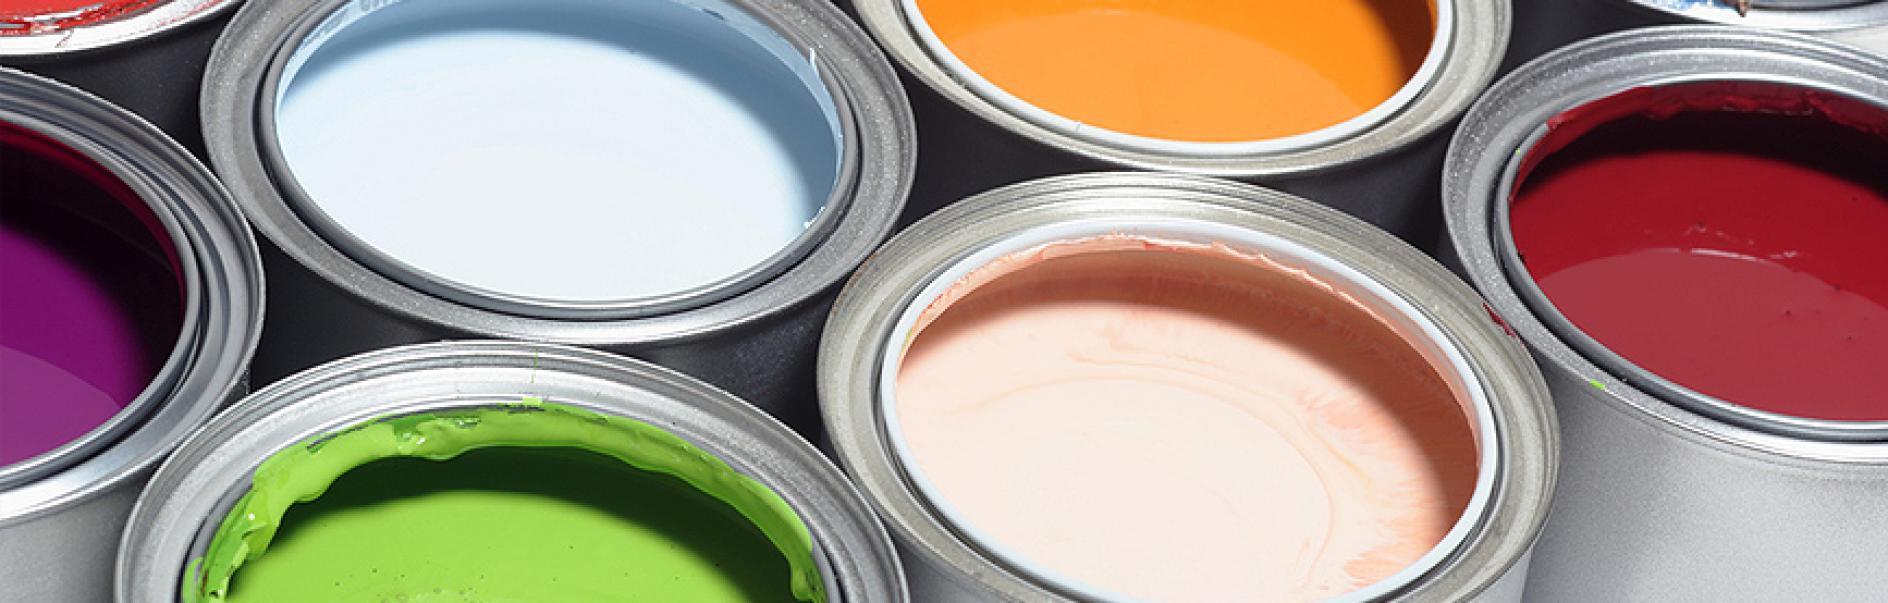 Les Différents Types De Peintures Et Vernis